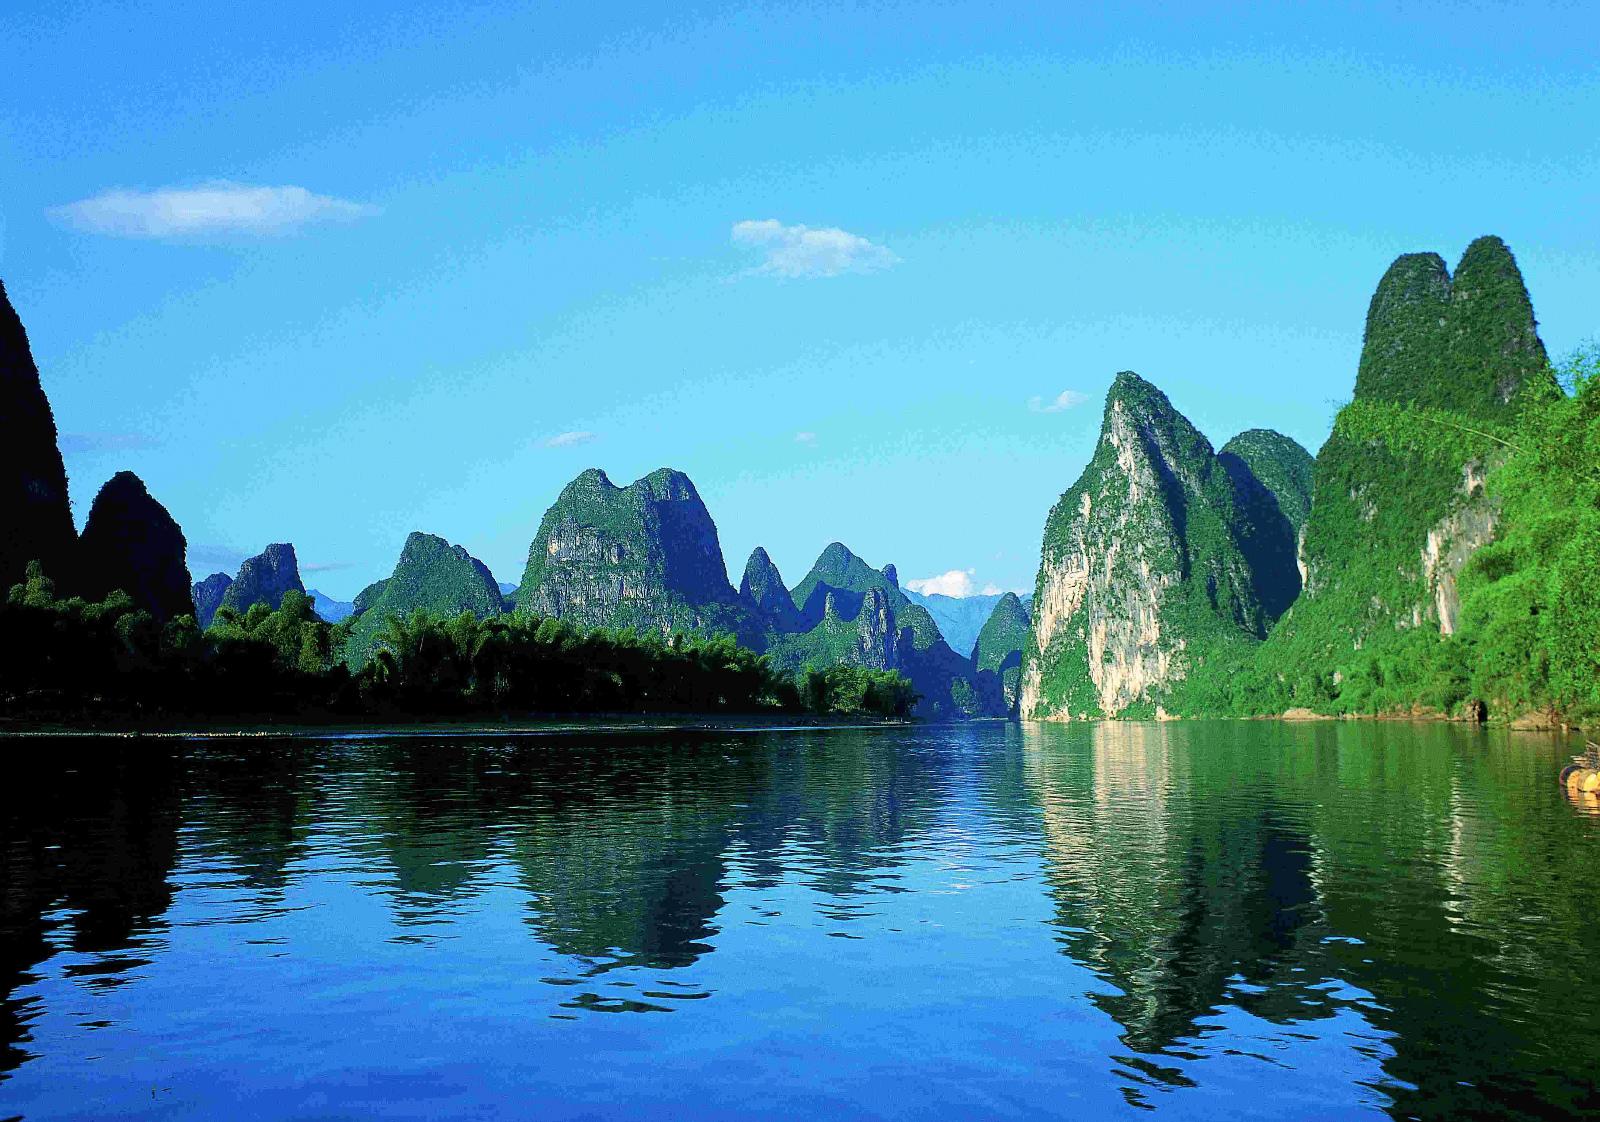 壁纸 风景 山水 桌面 1600_1122